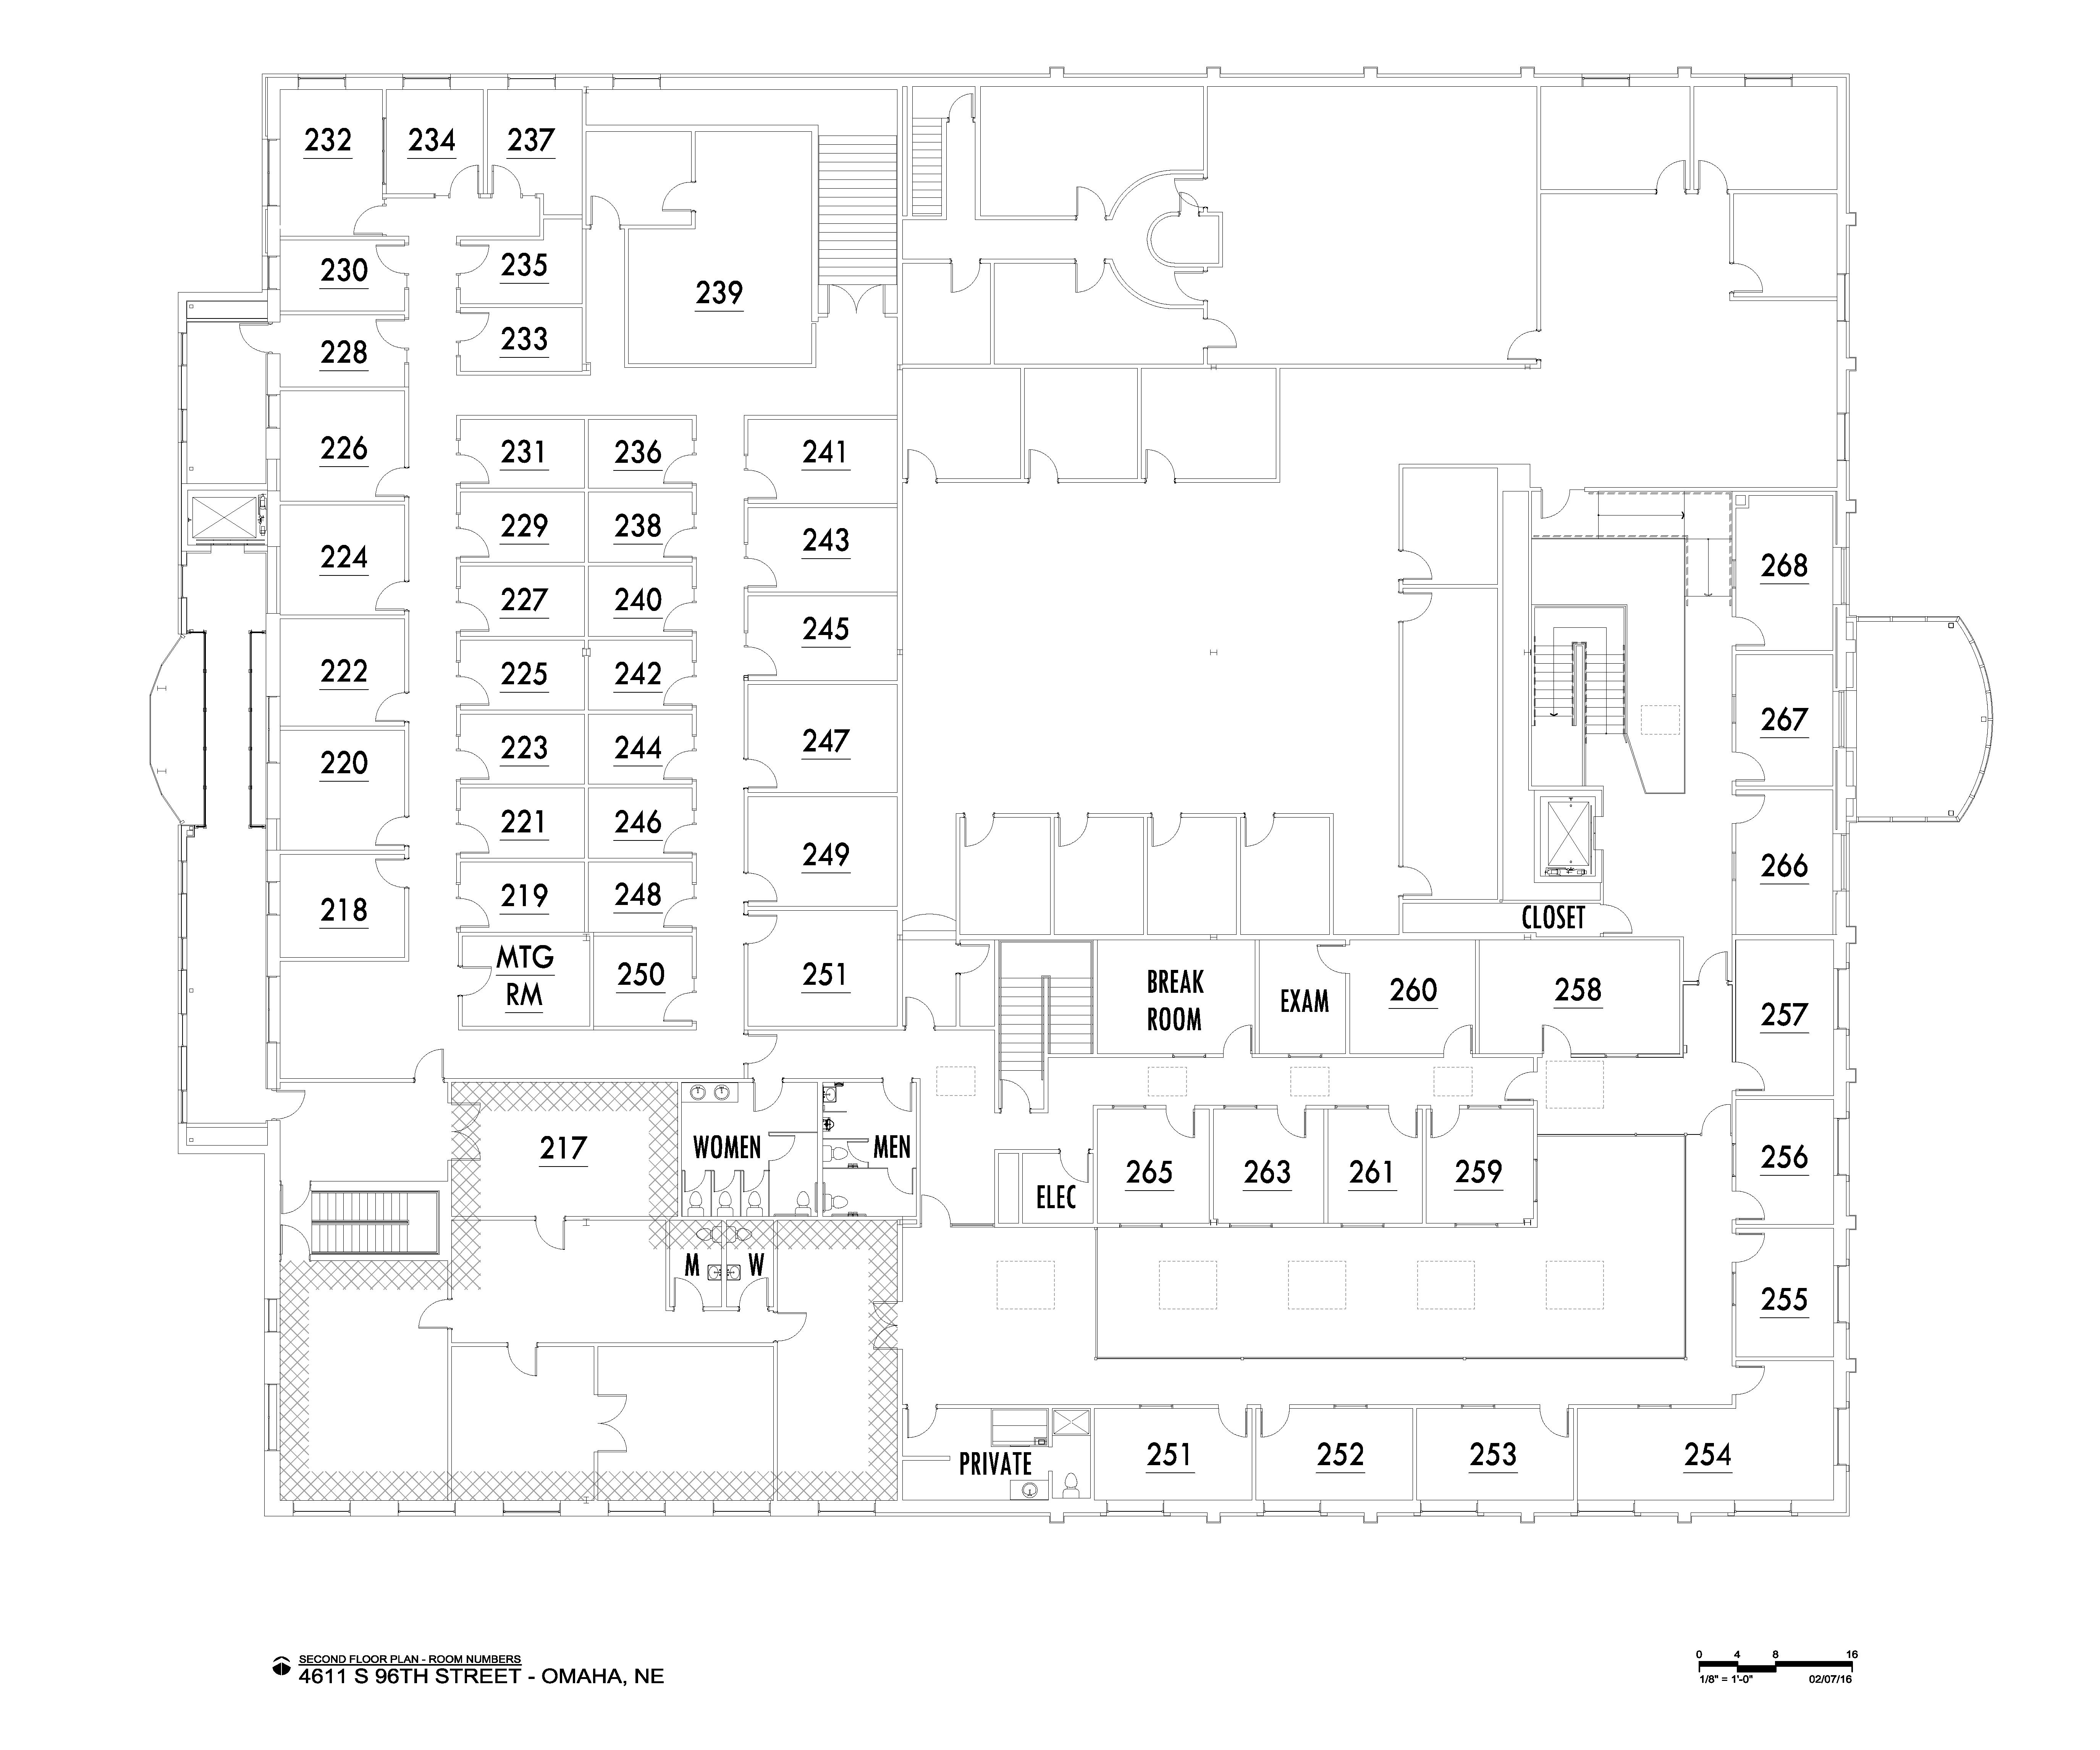 Enterprise Center | Omaha, NE | first level floor plan